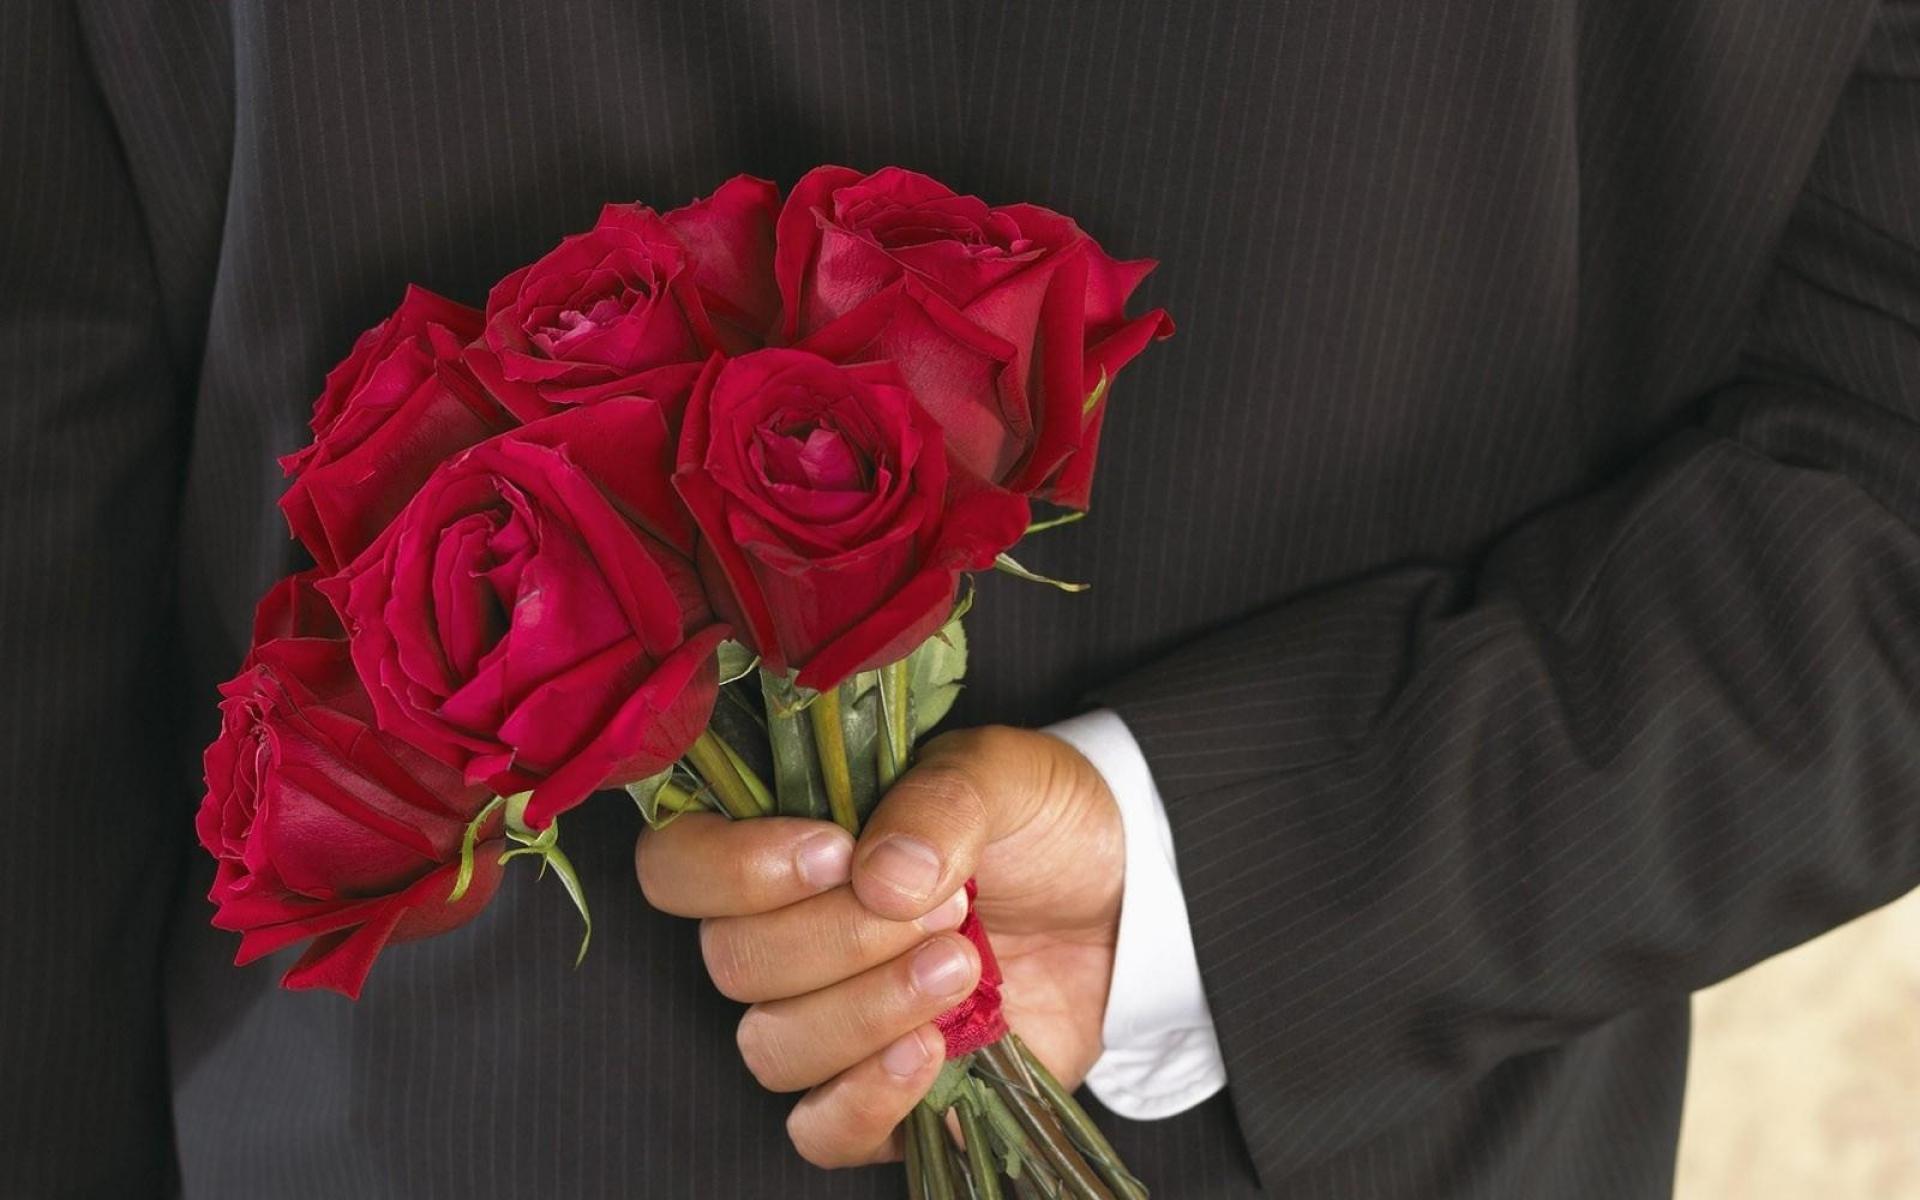 Por Qué Los Hombres Deberían Dejar De Regalar Flores Y